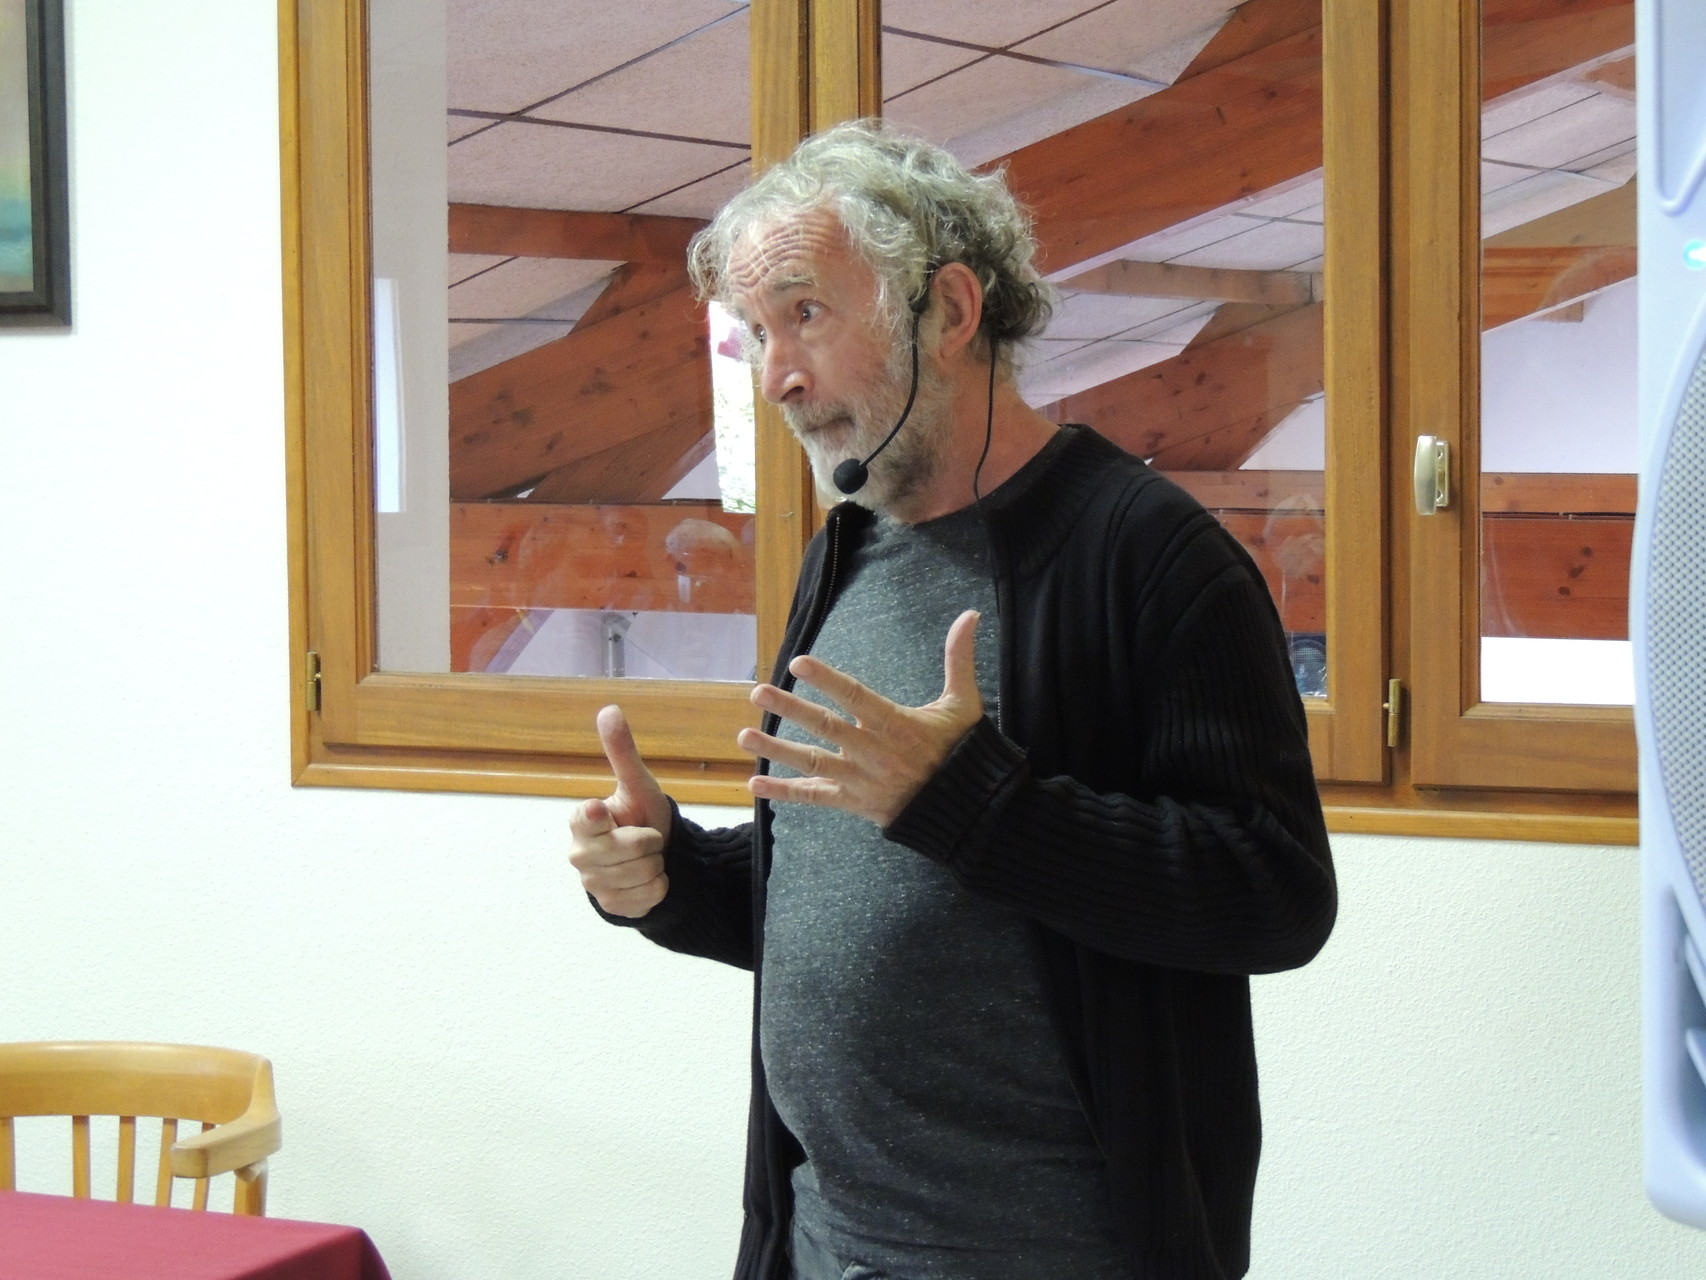 Vincent Roca féru de math montre à Ciadoux qu'il sait compter de Six à douze !